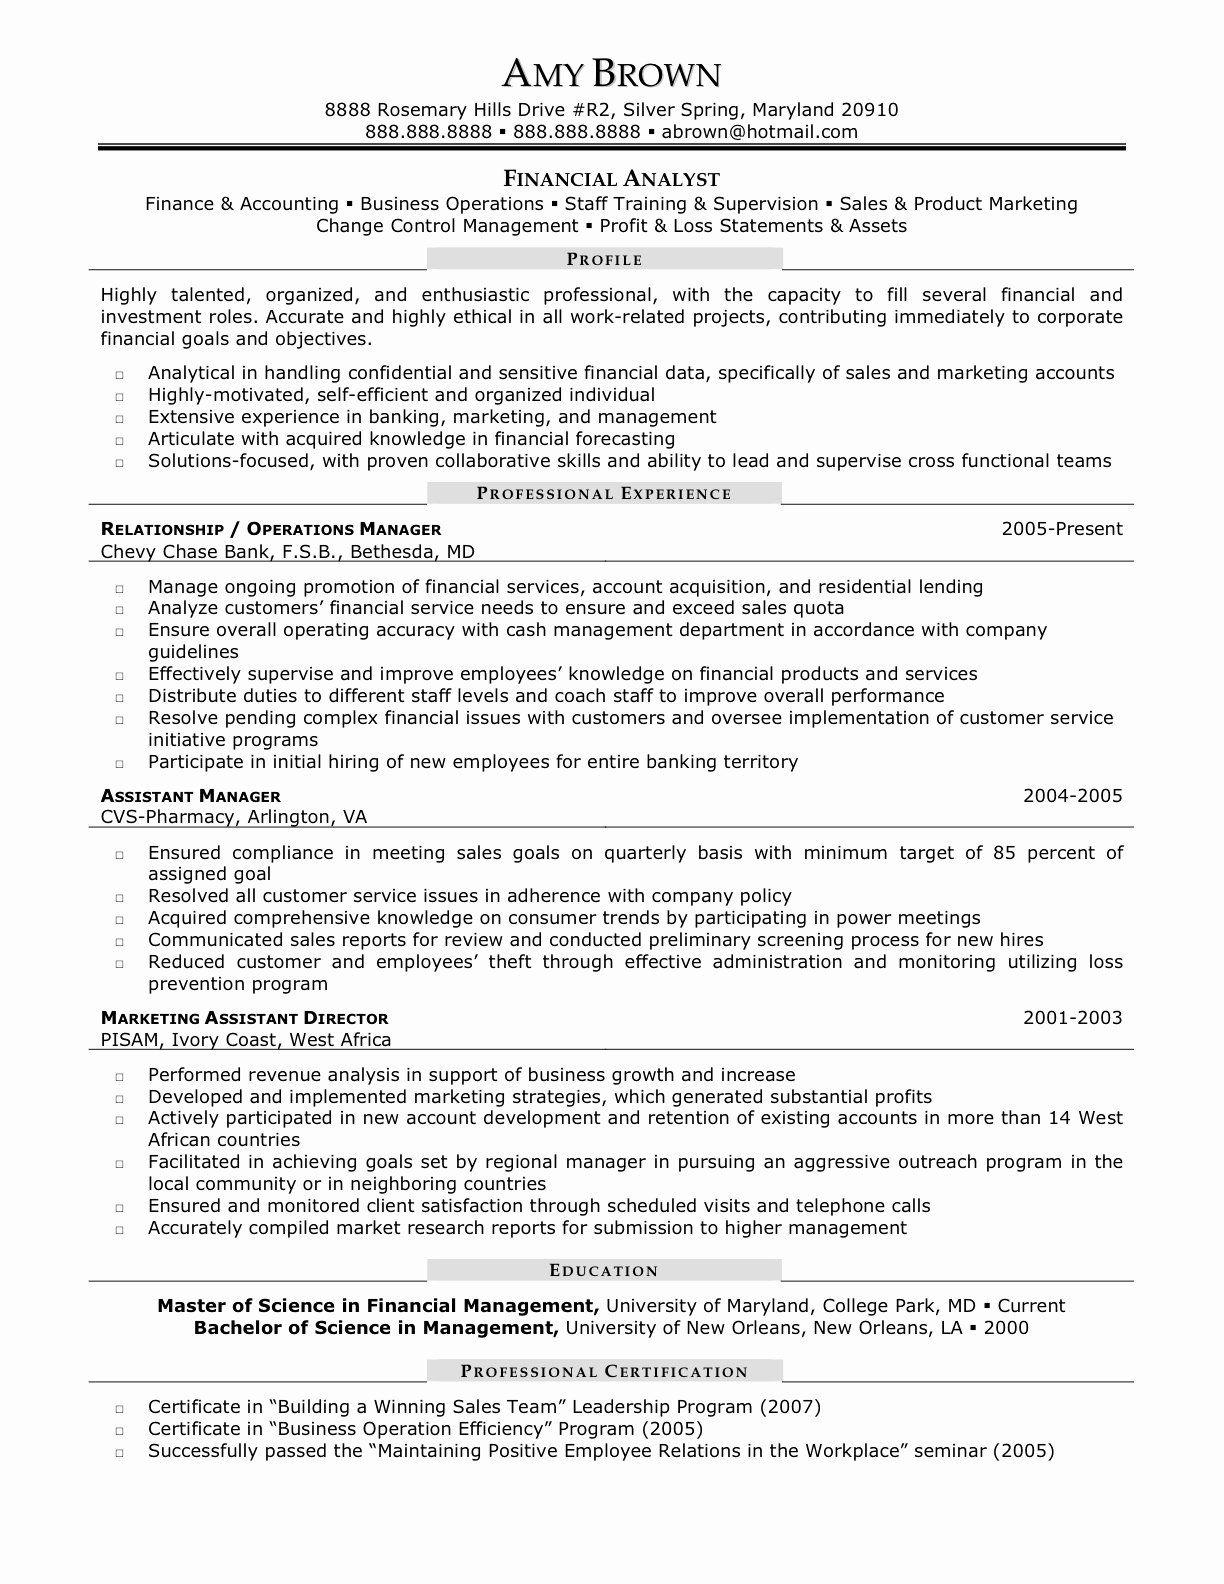 Junior Business Analyst Resume Elegant Financial Analyst Resume Sample In 2020 Financial Analyst Business Analyst Resume Resume